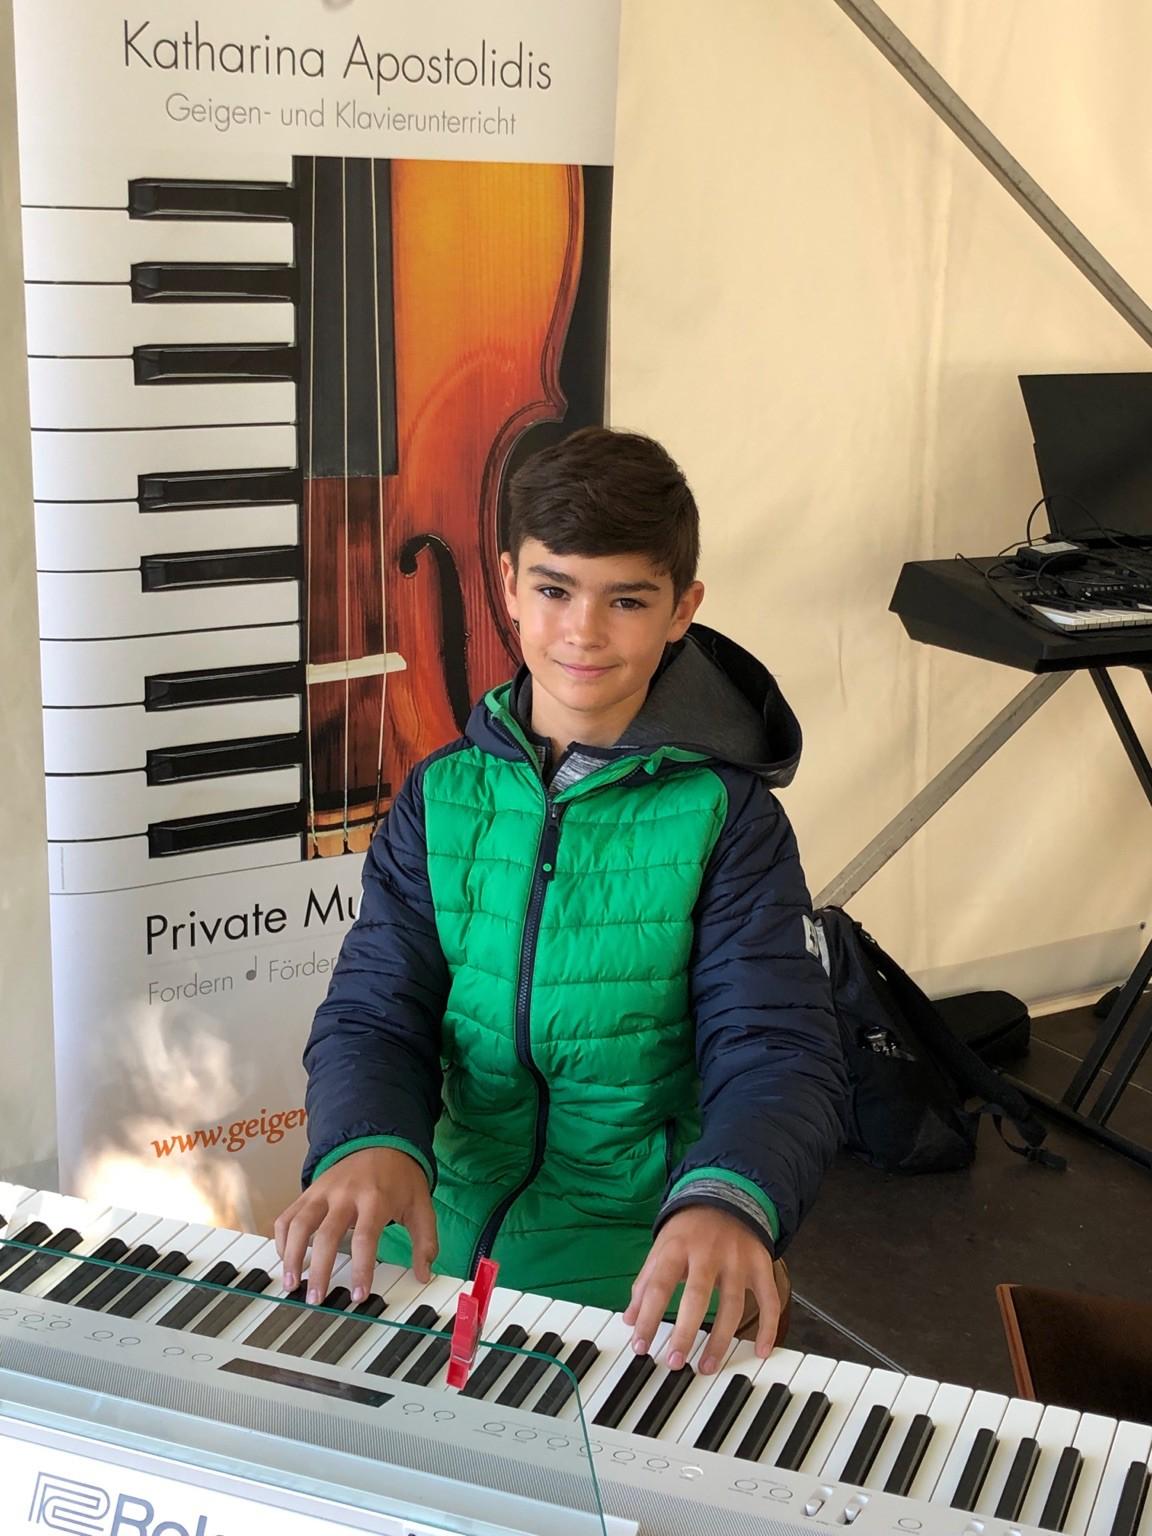 Open-Air-Konzert beim Blankeneser Straßenfest 2019